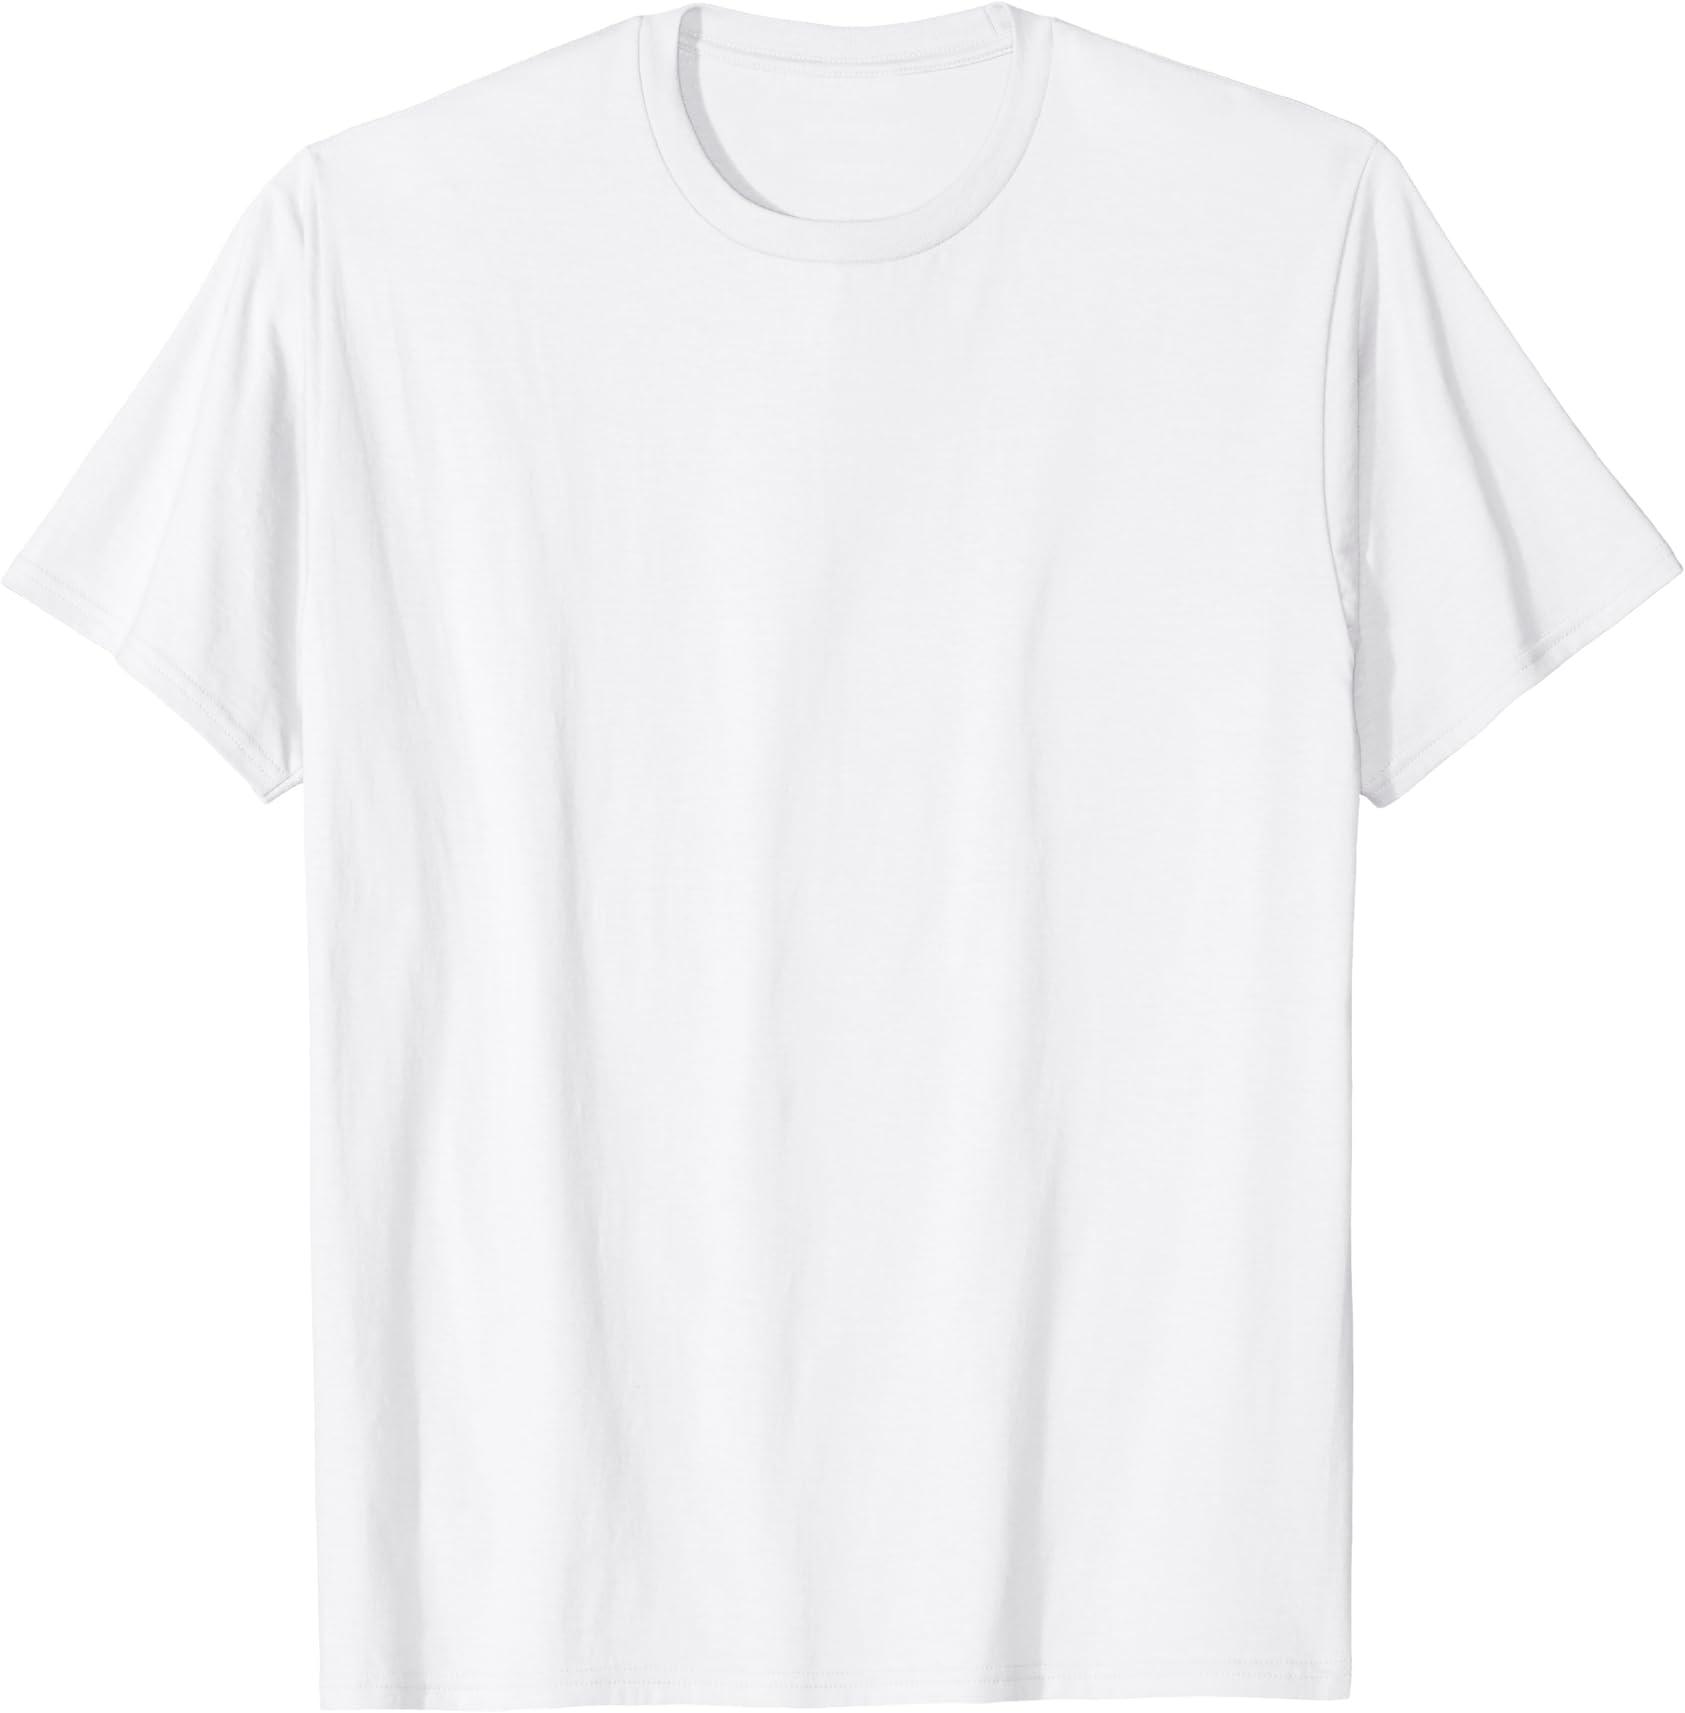 Avengers Endgame Ronin Official Marvel Hawkeye White Mens Tshirt